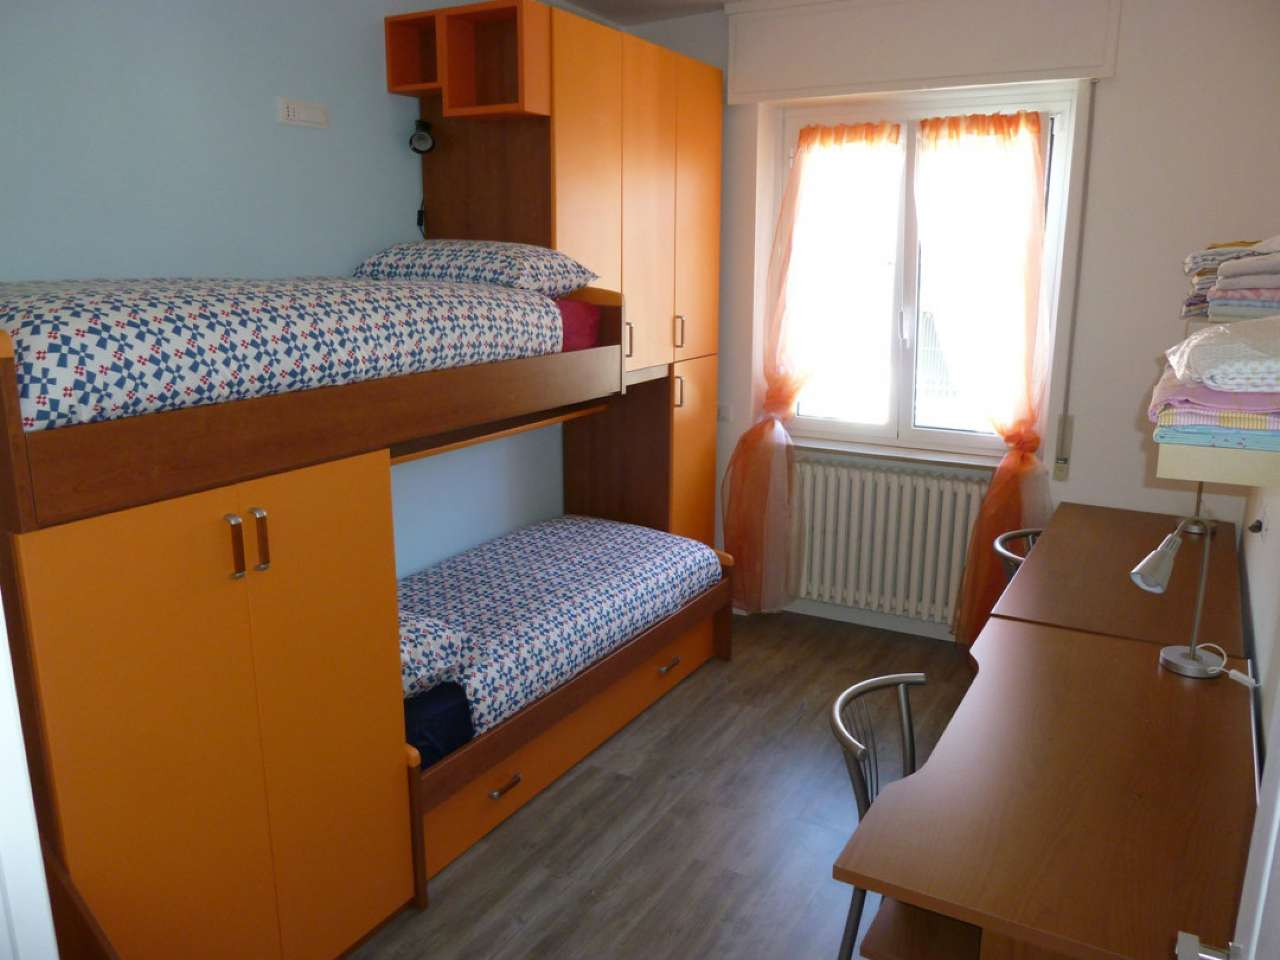 Appartamento in vendita a Milano, 3 locali, zona Zona: 7 . Corvetto, Lodi, Forlanini, Umbria, Rogoredo, prezzo € 350.000 | CambioCasa.it